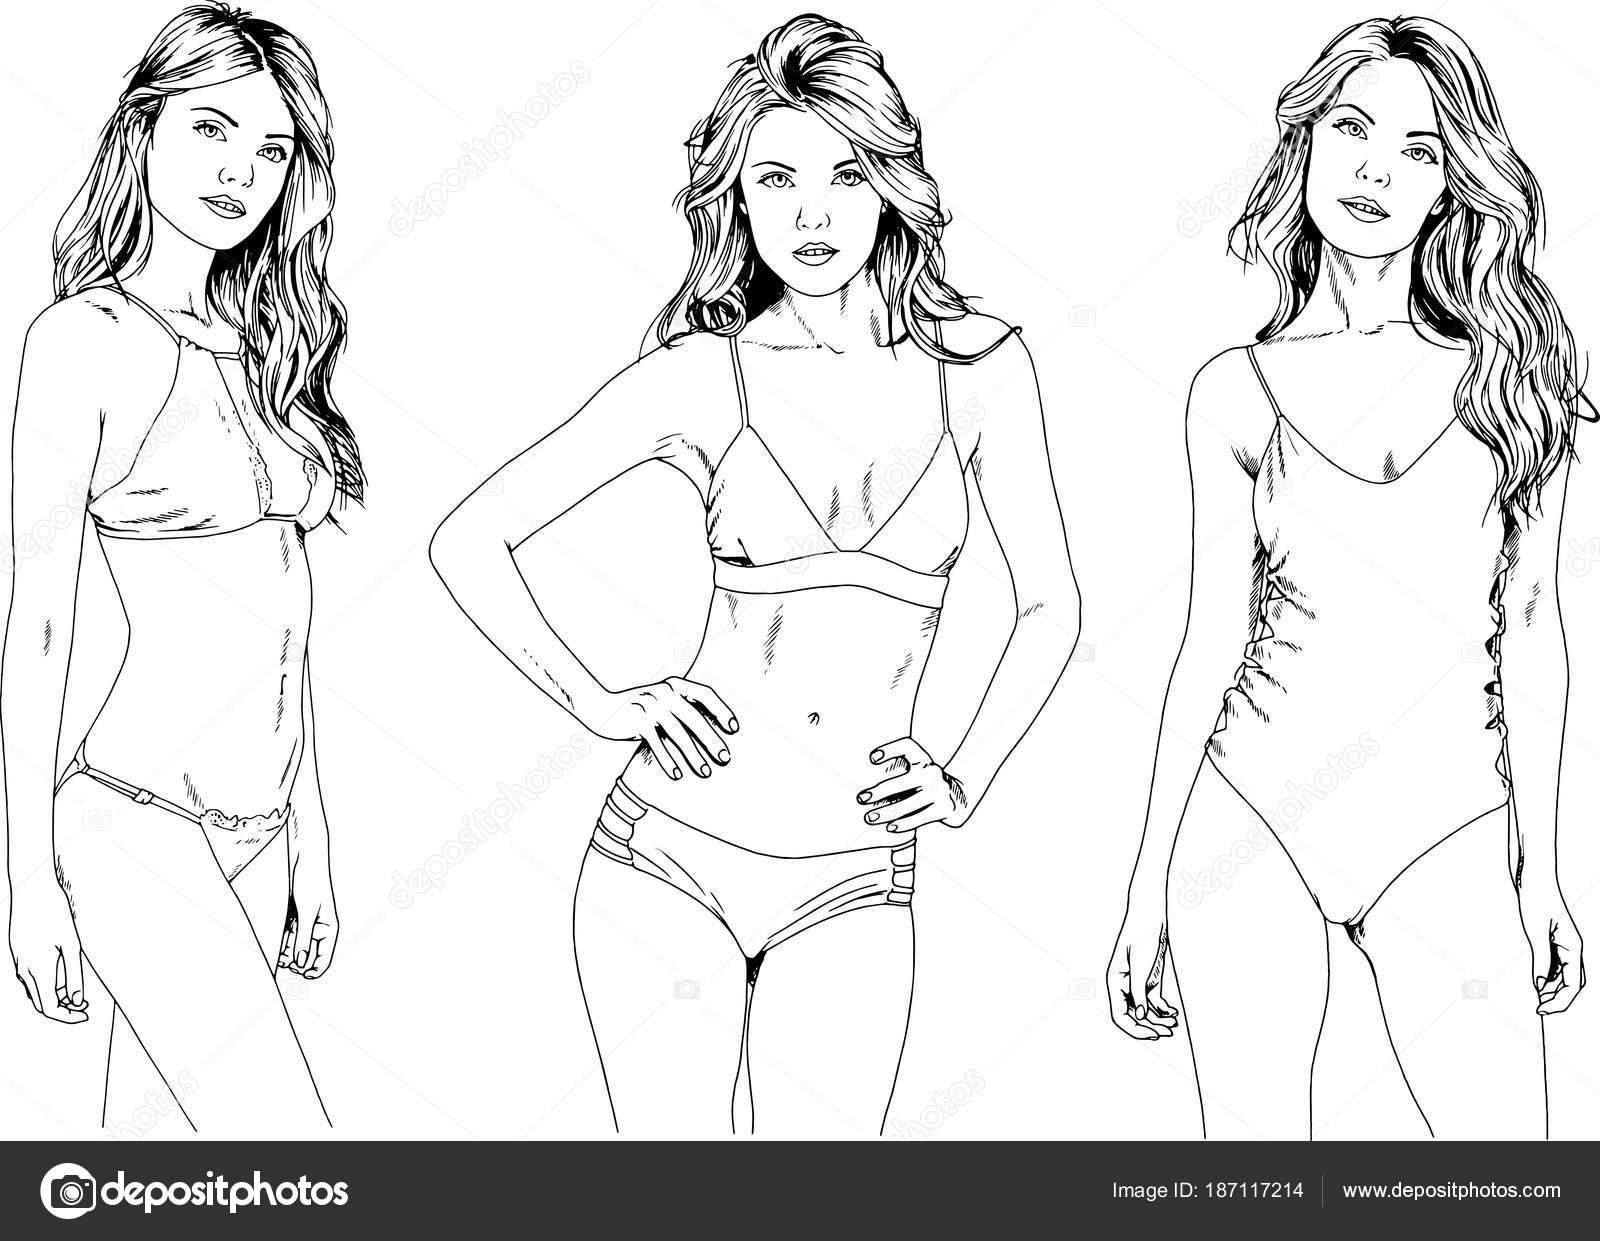 Векторные рисунки графика эротики и секса